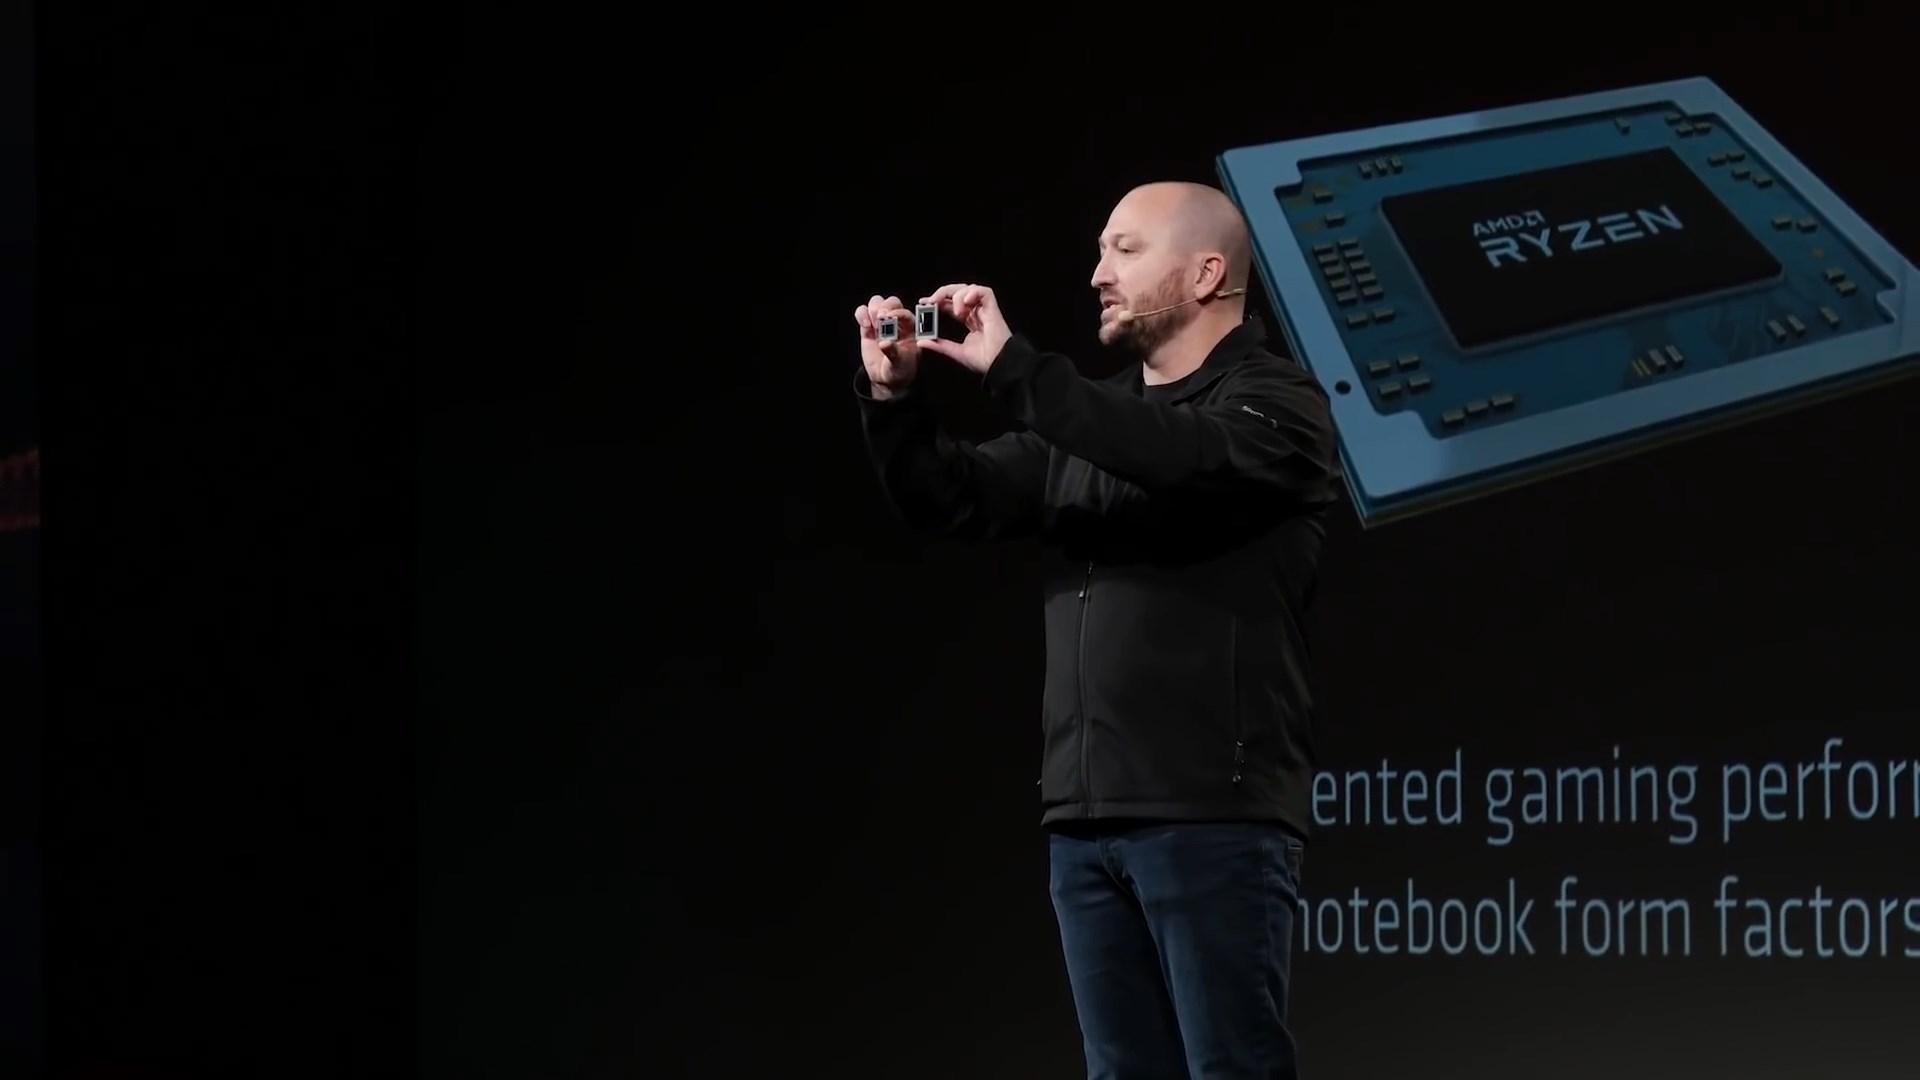 Фотография с презентации интегрированных и дискретных графических чипов Vega: Скотт Херкельман (Scott Herkelman ) рассказывает о планах компании на фоне слайда с графиком выхода обновлённых архитектур Zen